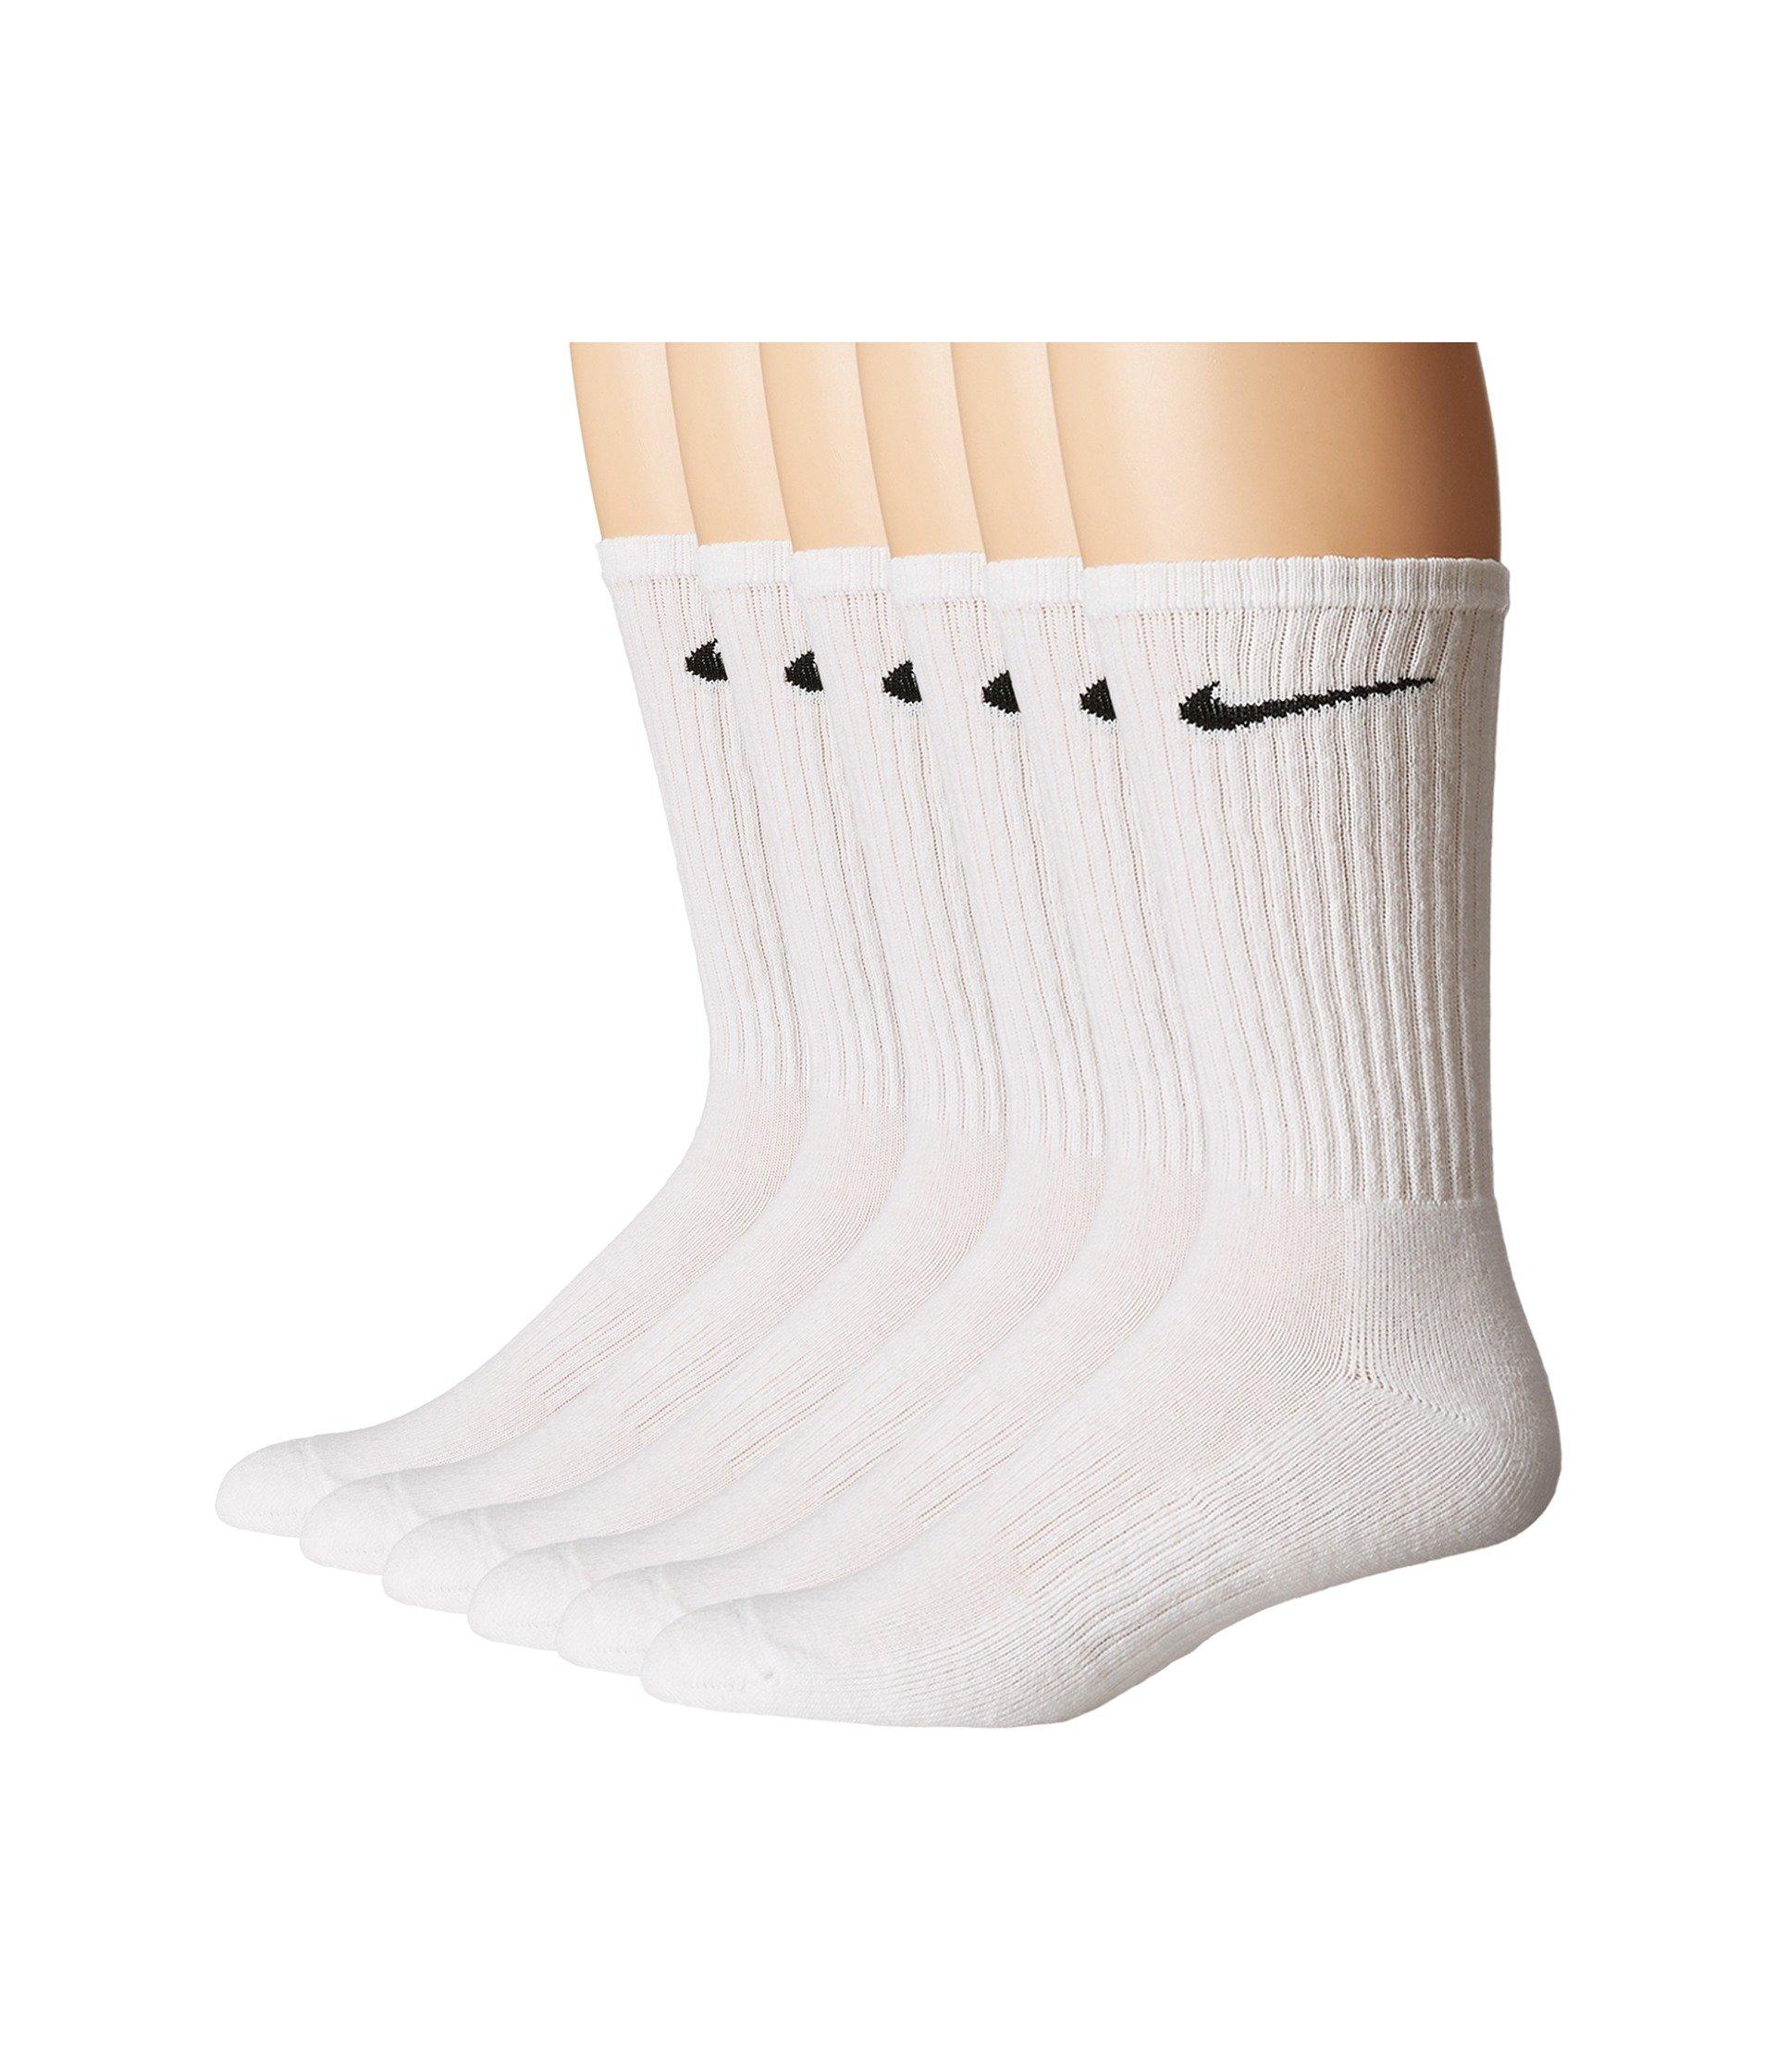 pair Cotton 6 Pack Bag black Crew White Nike wqpxfnIURx